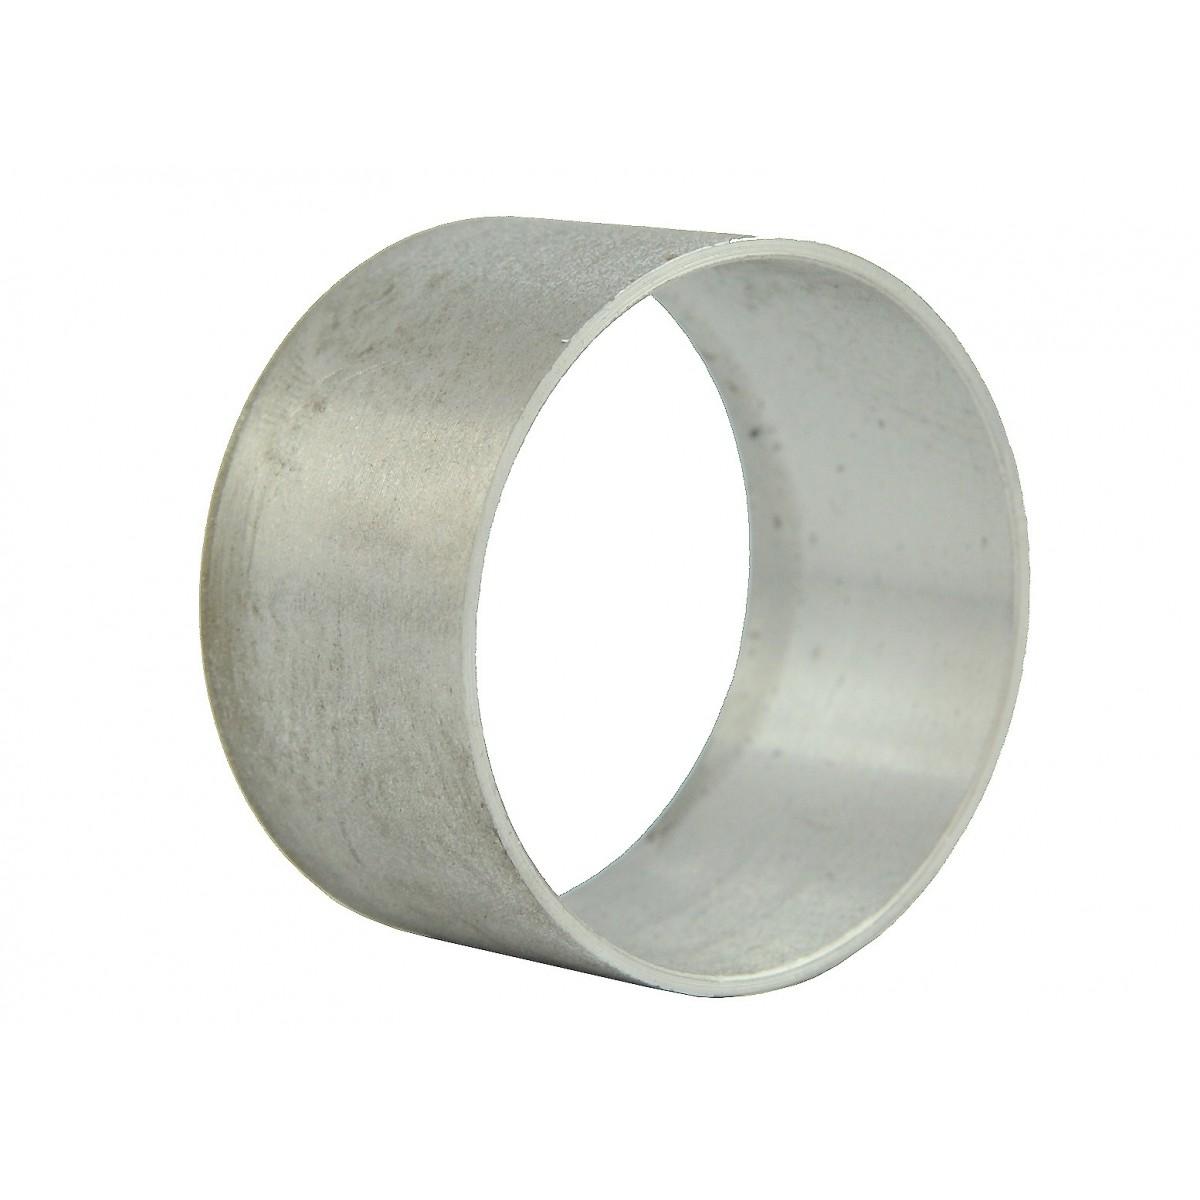 Sleeve bushing 47x50x28 ring